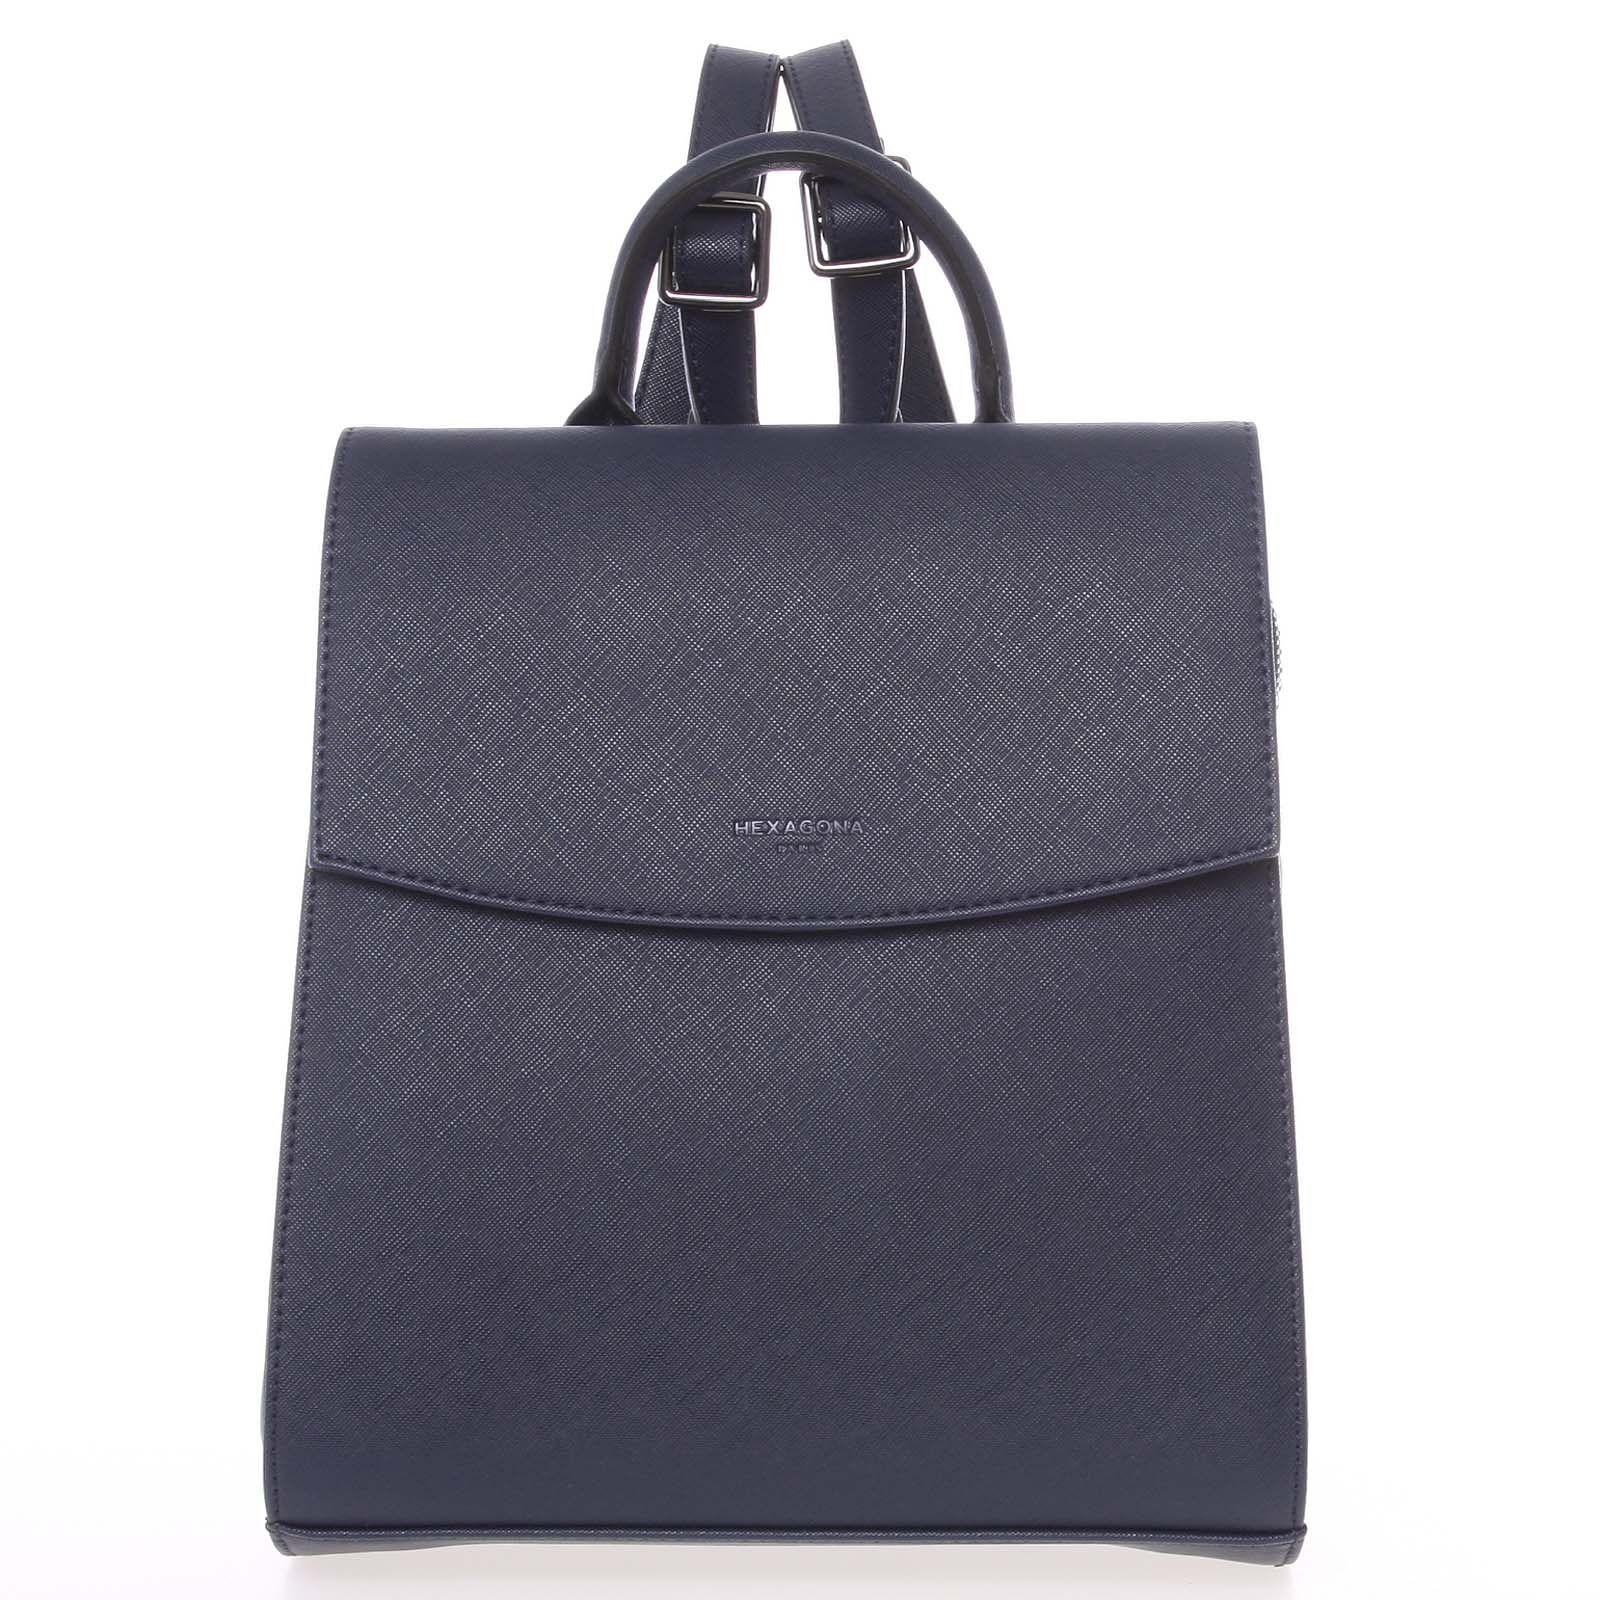 8baa05c9b0 Luxusní stylový strukturovaný dámský batoh tmavě modrý - Hexagona Luigi